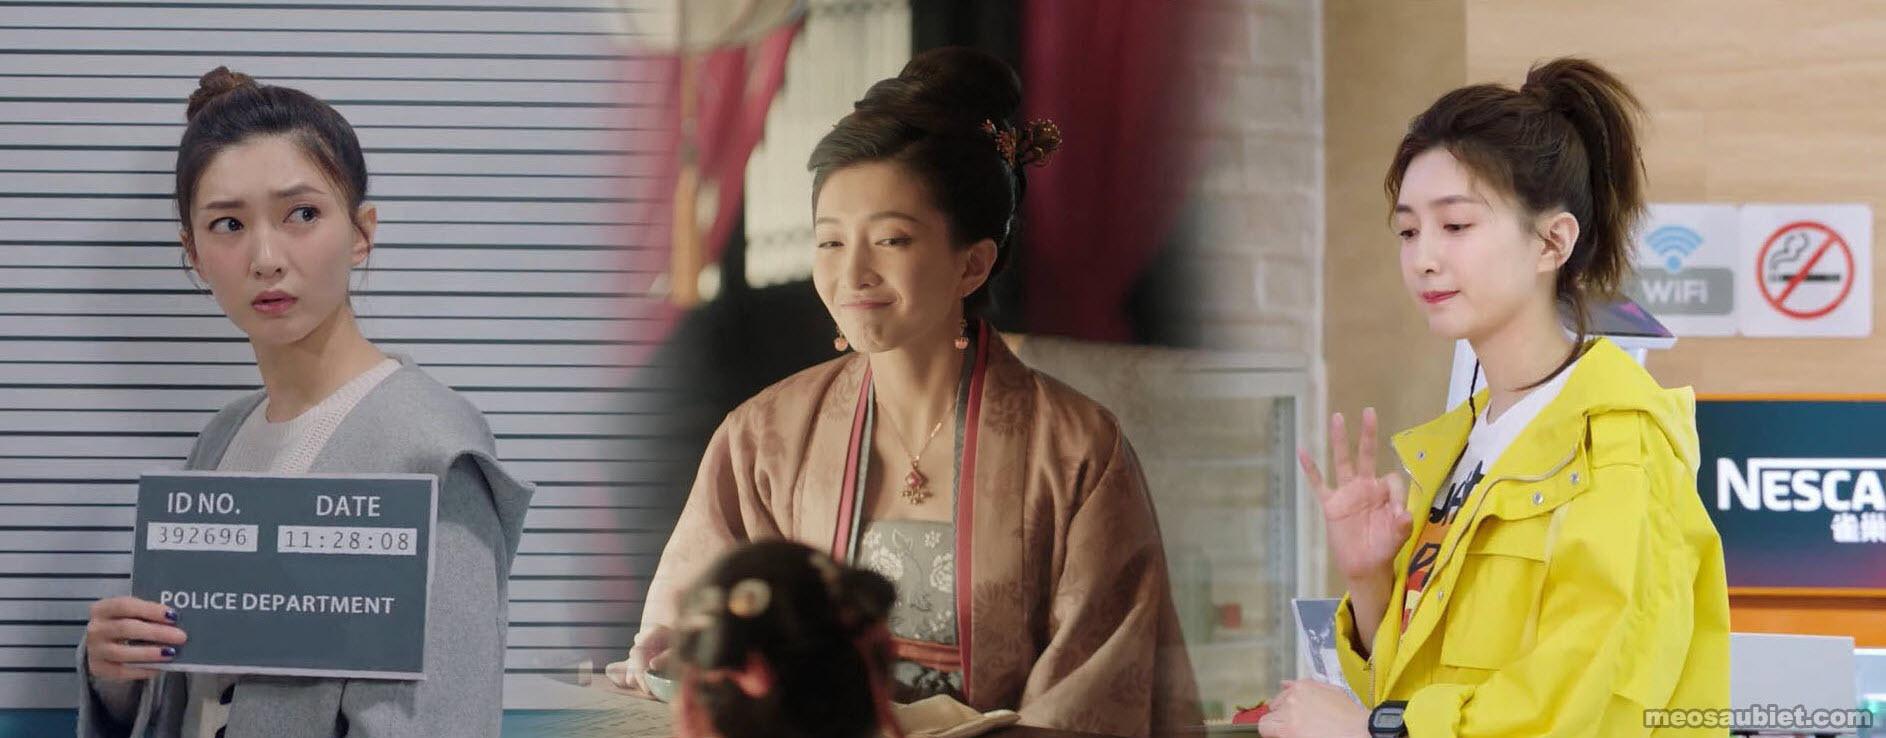 Giang Sơ Ảnh / 江疏影 / Jiang Shu Ying / Maggie